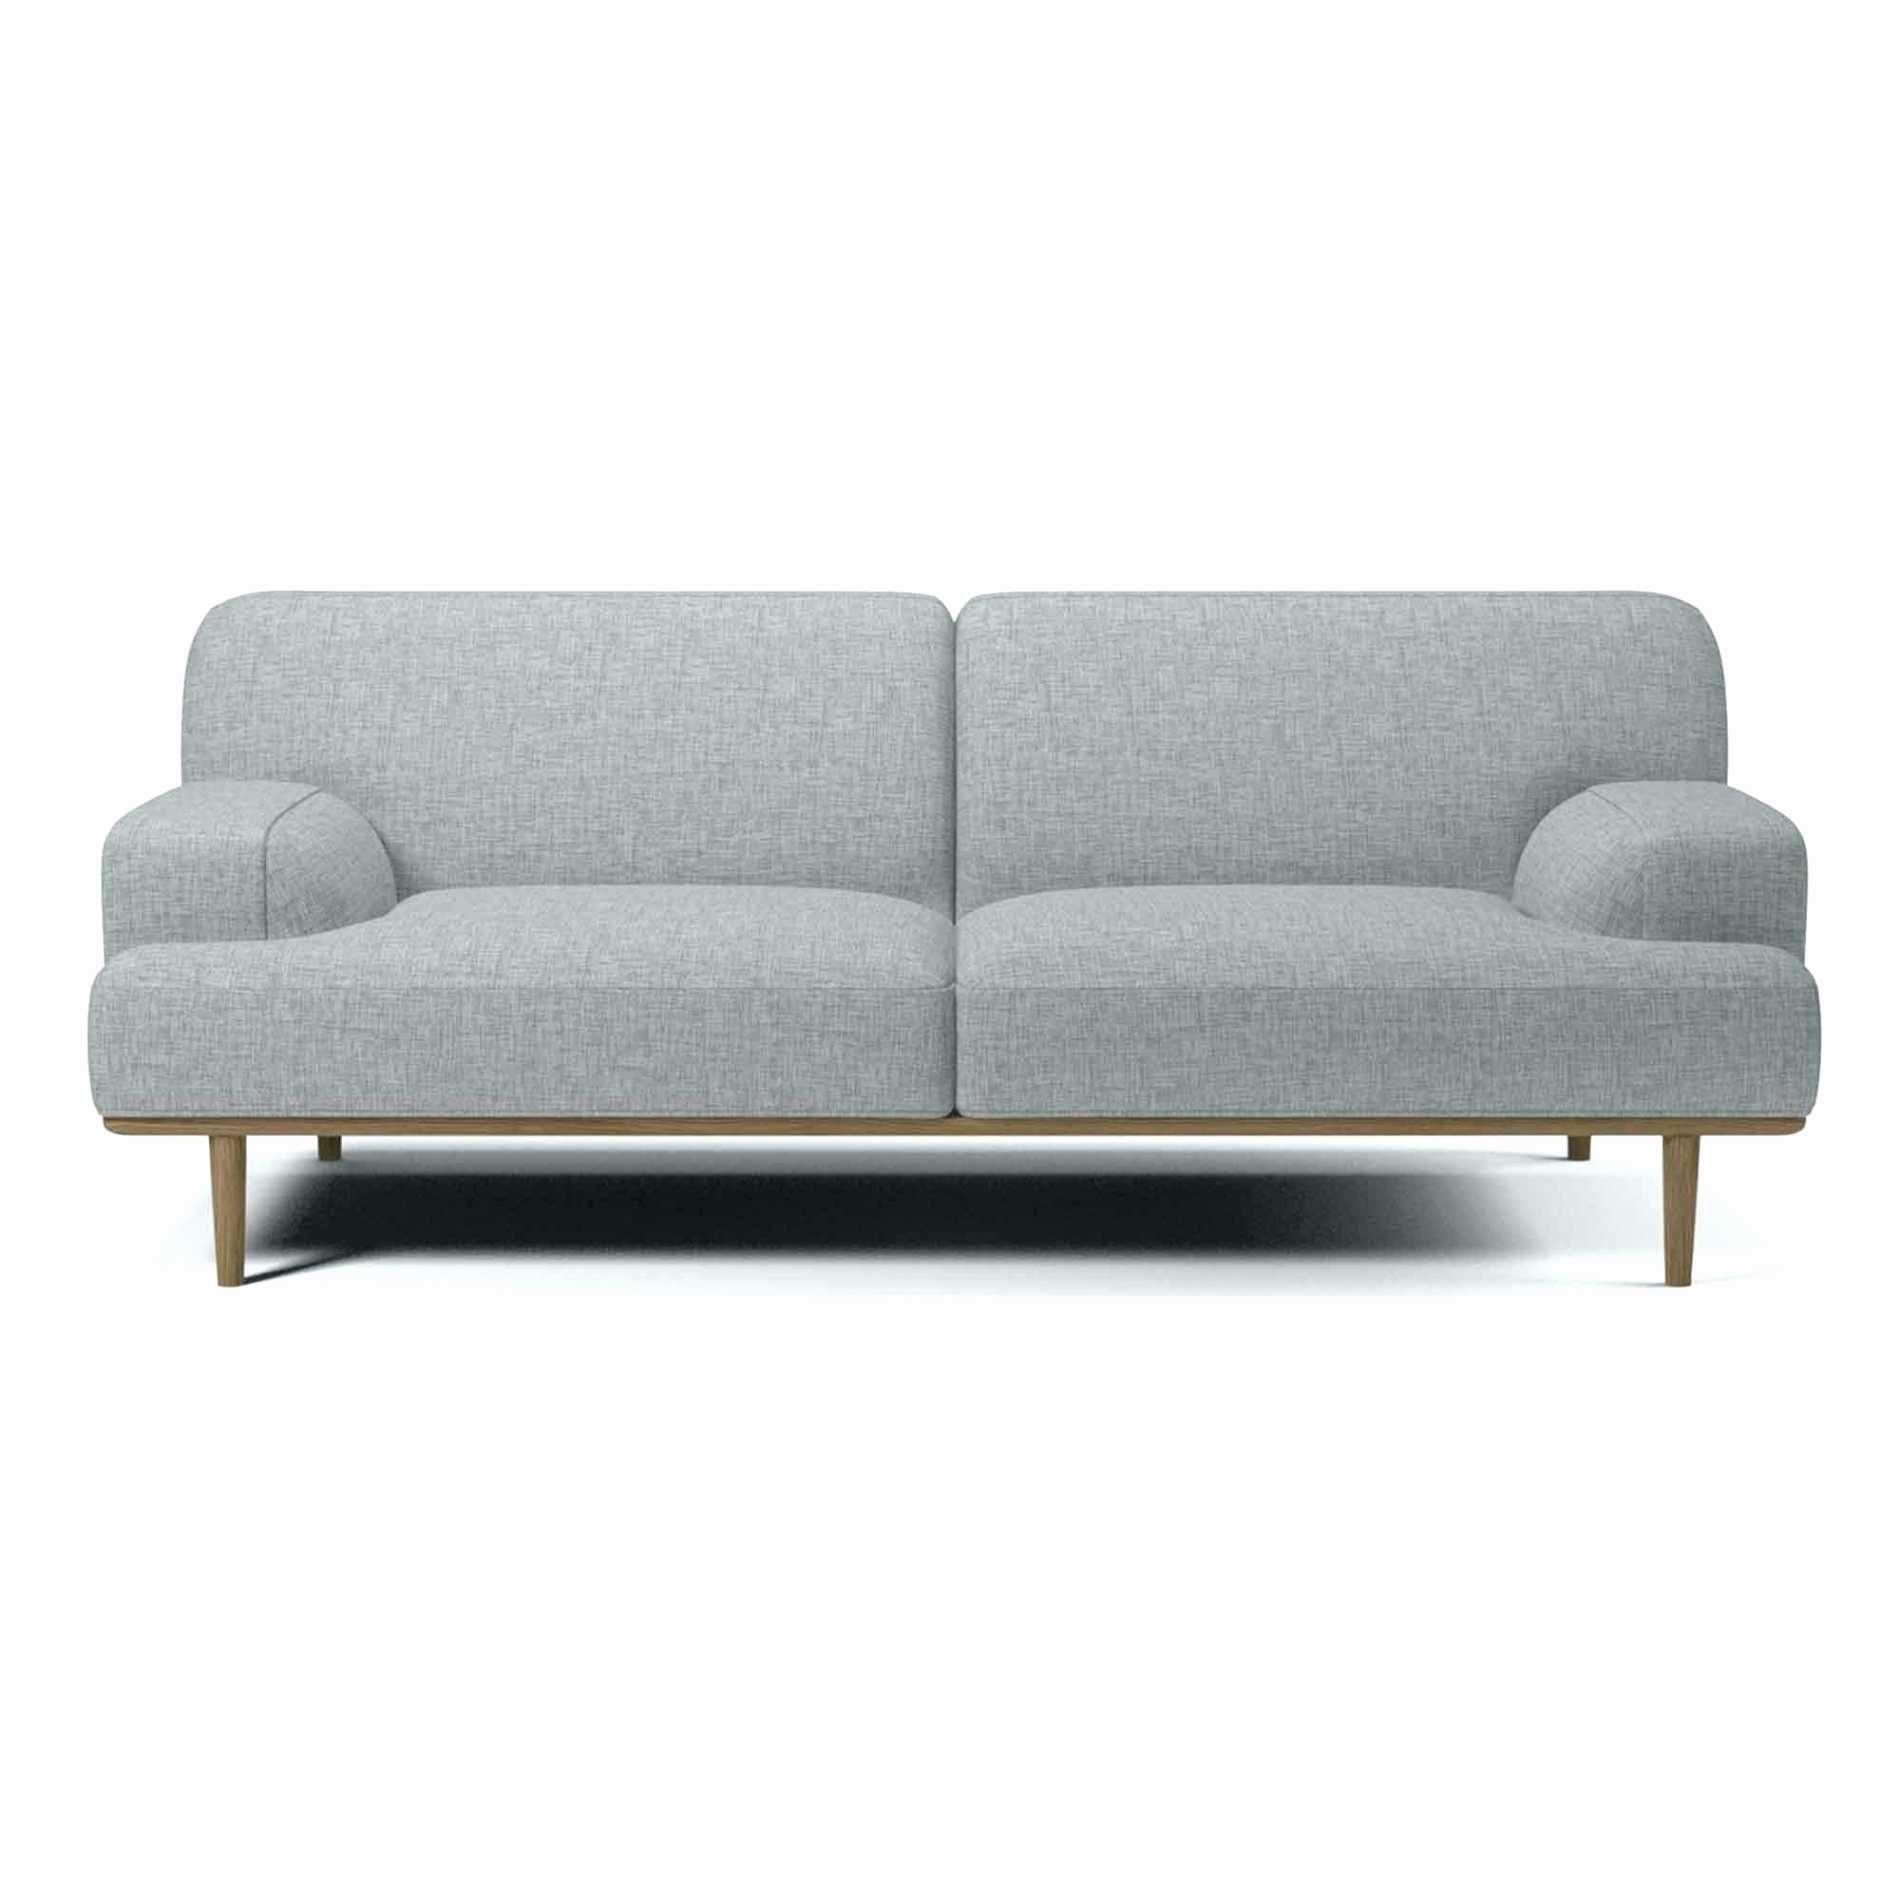 Lit Superposé Gigogne Douce élégant Canapé Lit 1 Place Conforama Ou 45 Idées Canapé Convertible